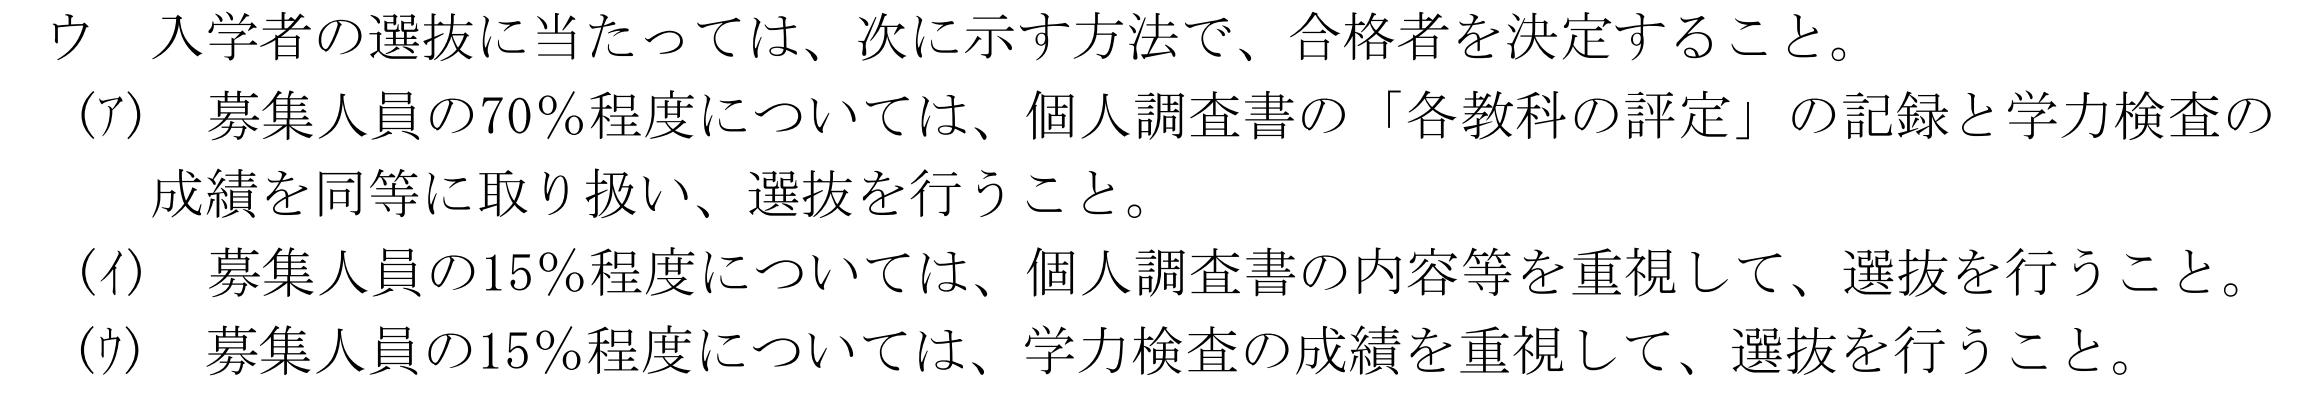 北海道公立高校入試制度4